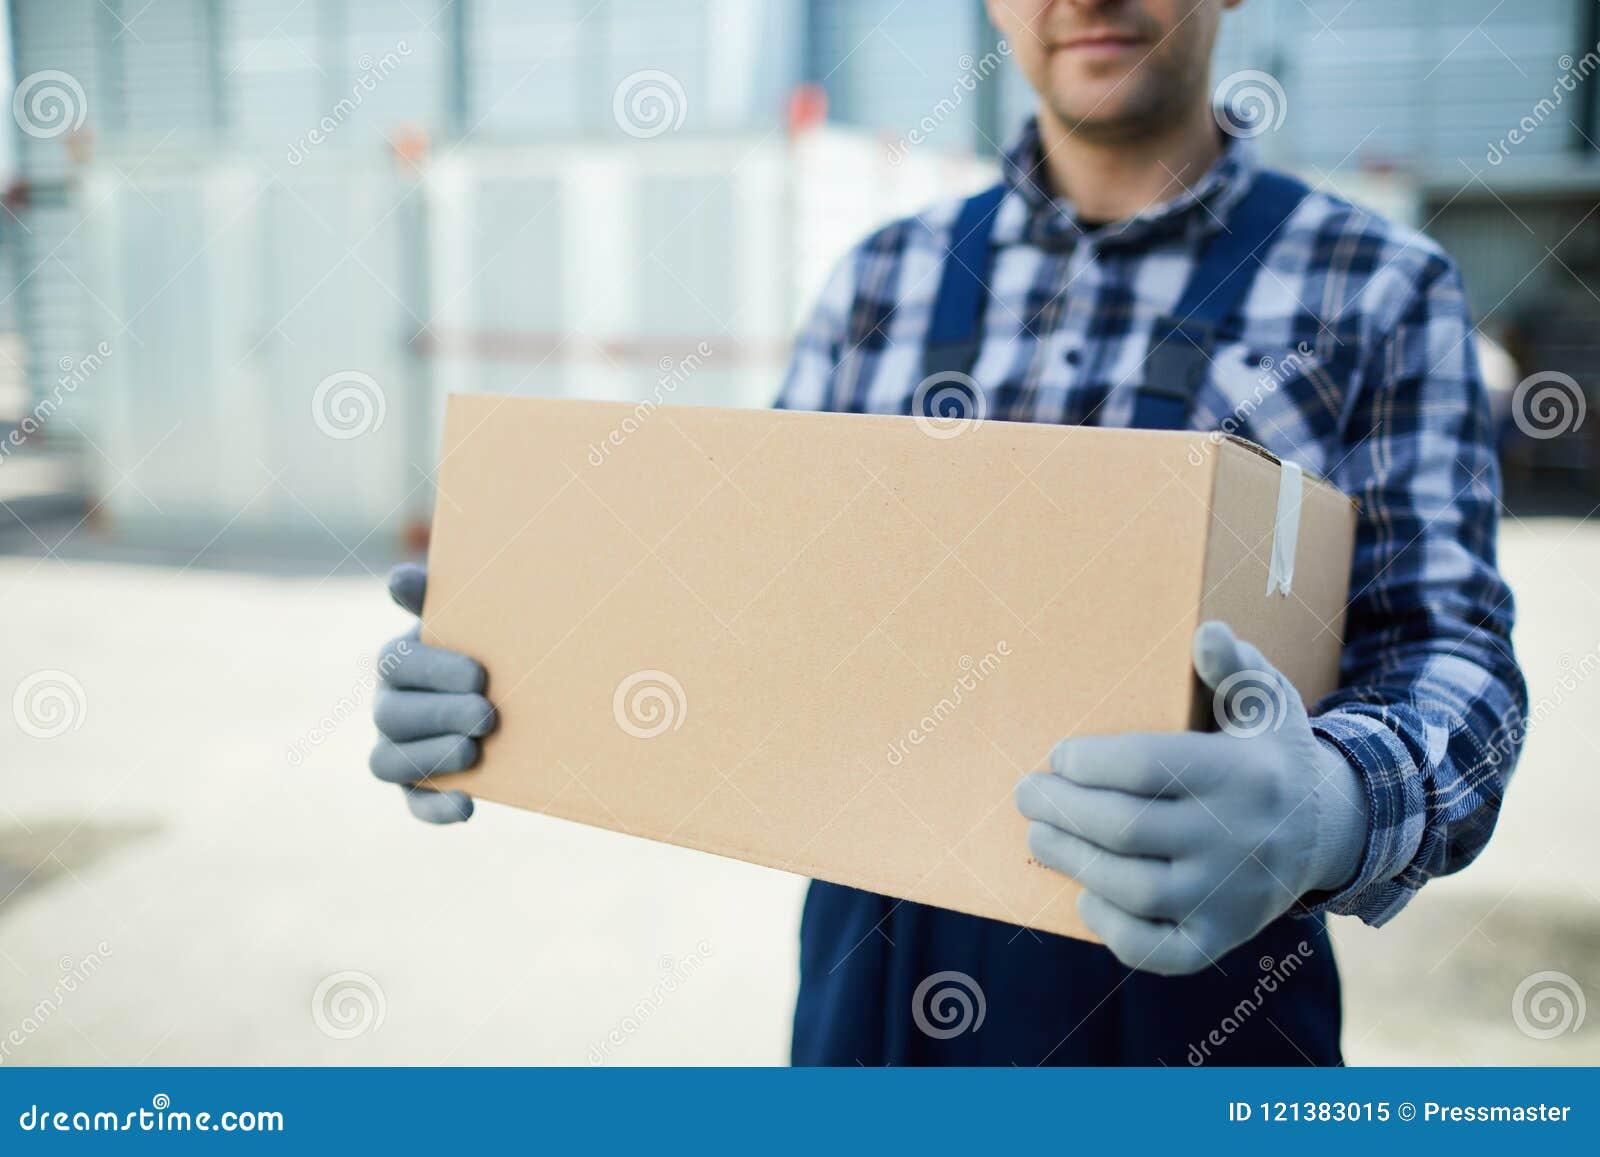 Trabajador de la compañía móvil con la caja